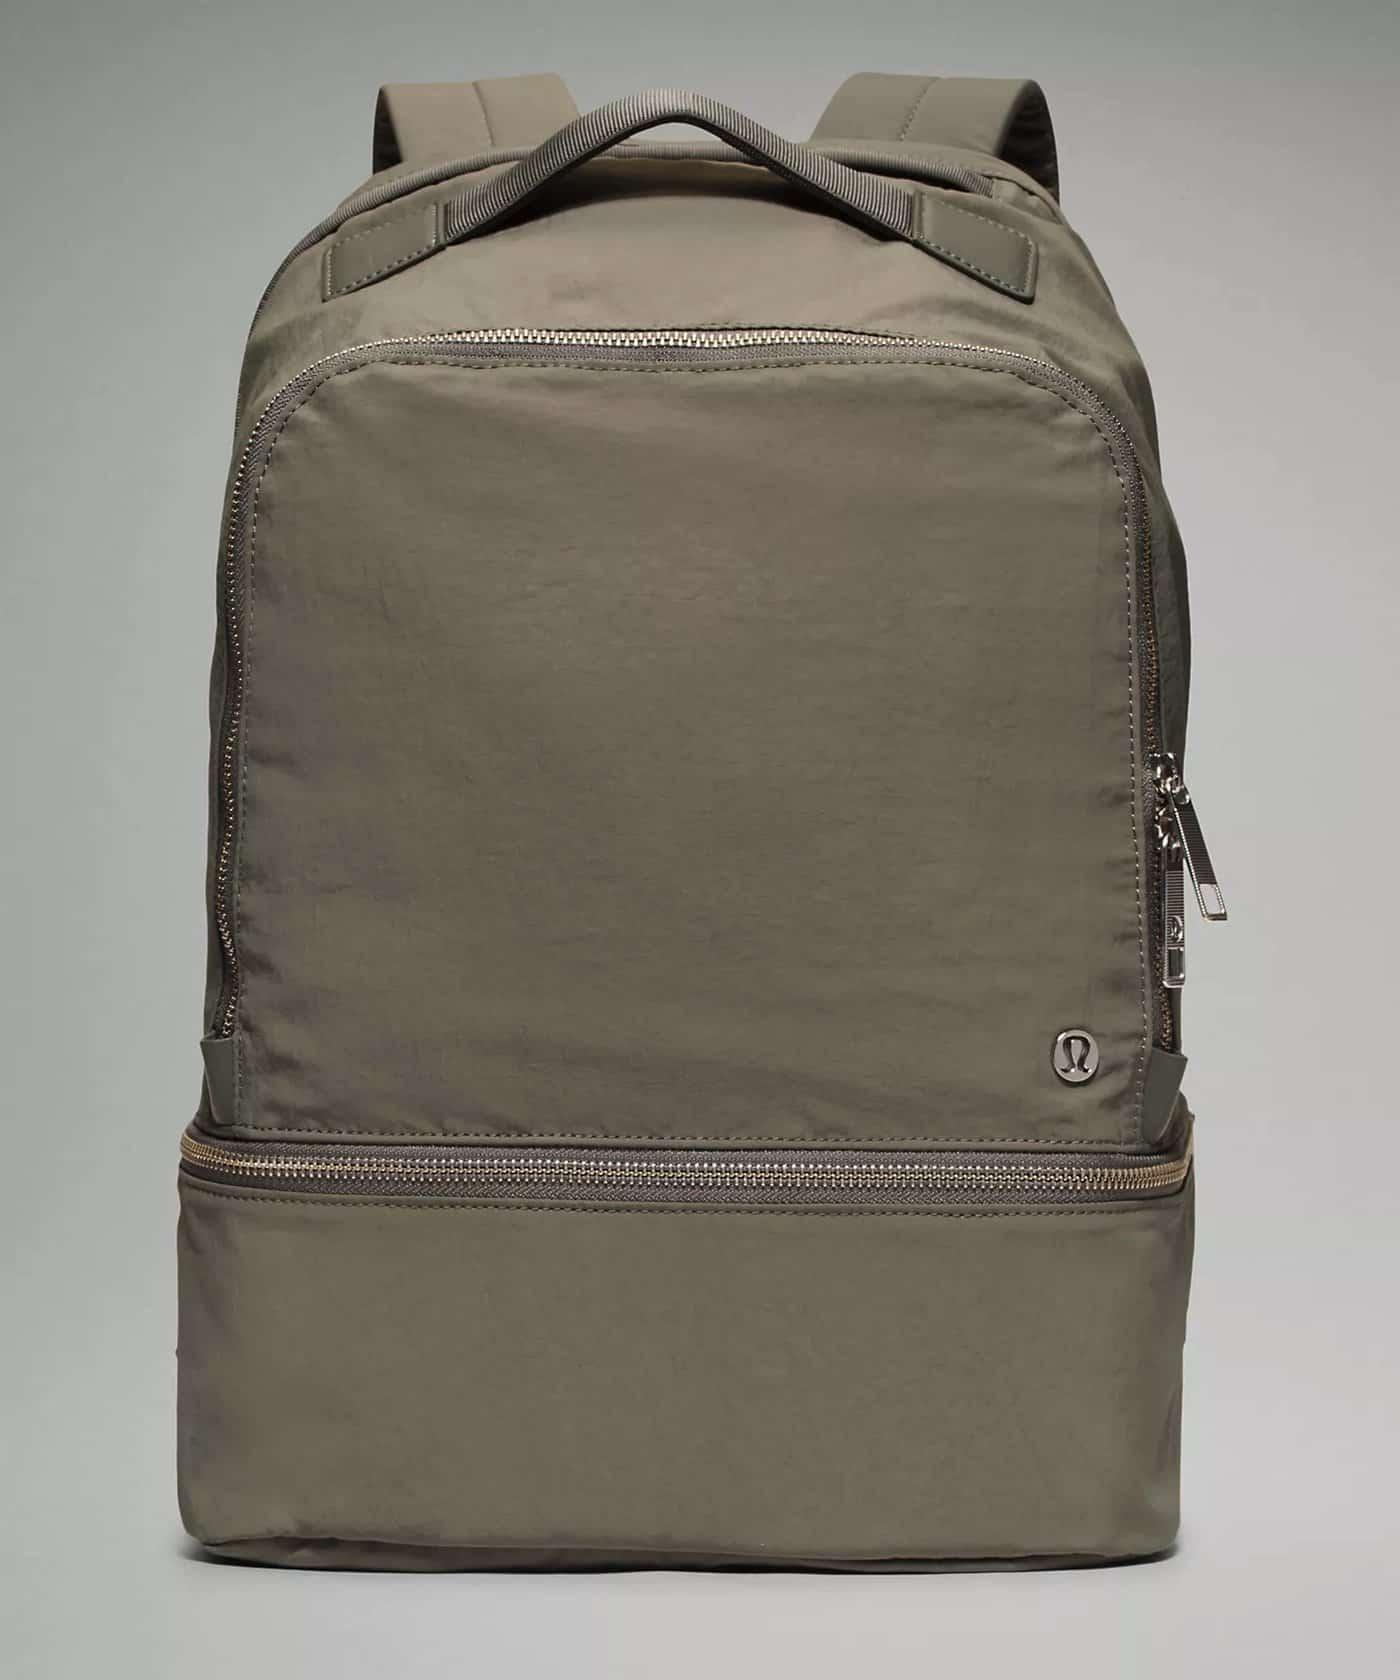 City Adventurer Backpack 17L   Bags   lululemon